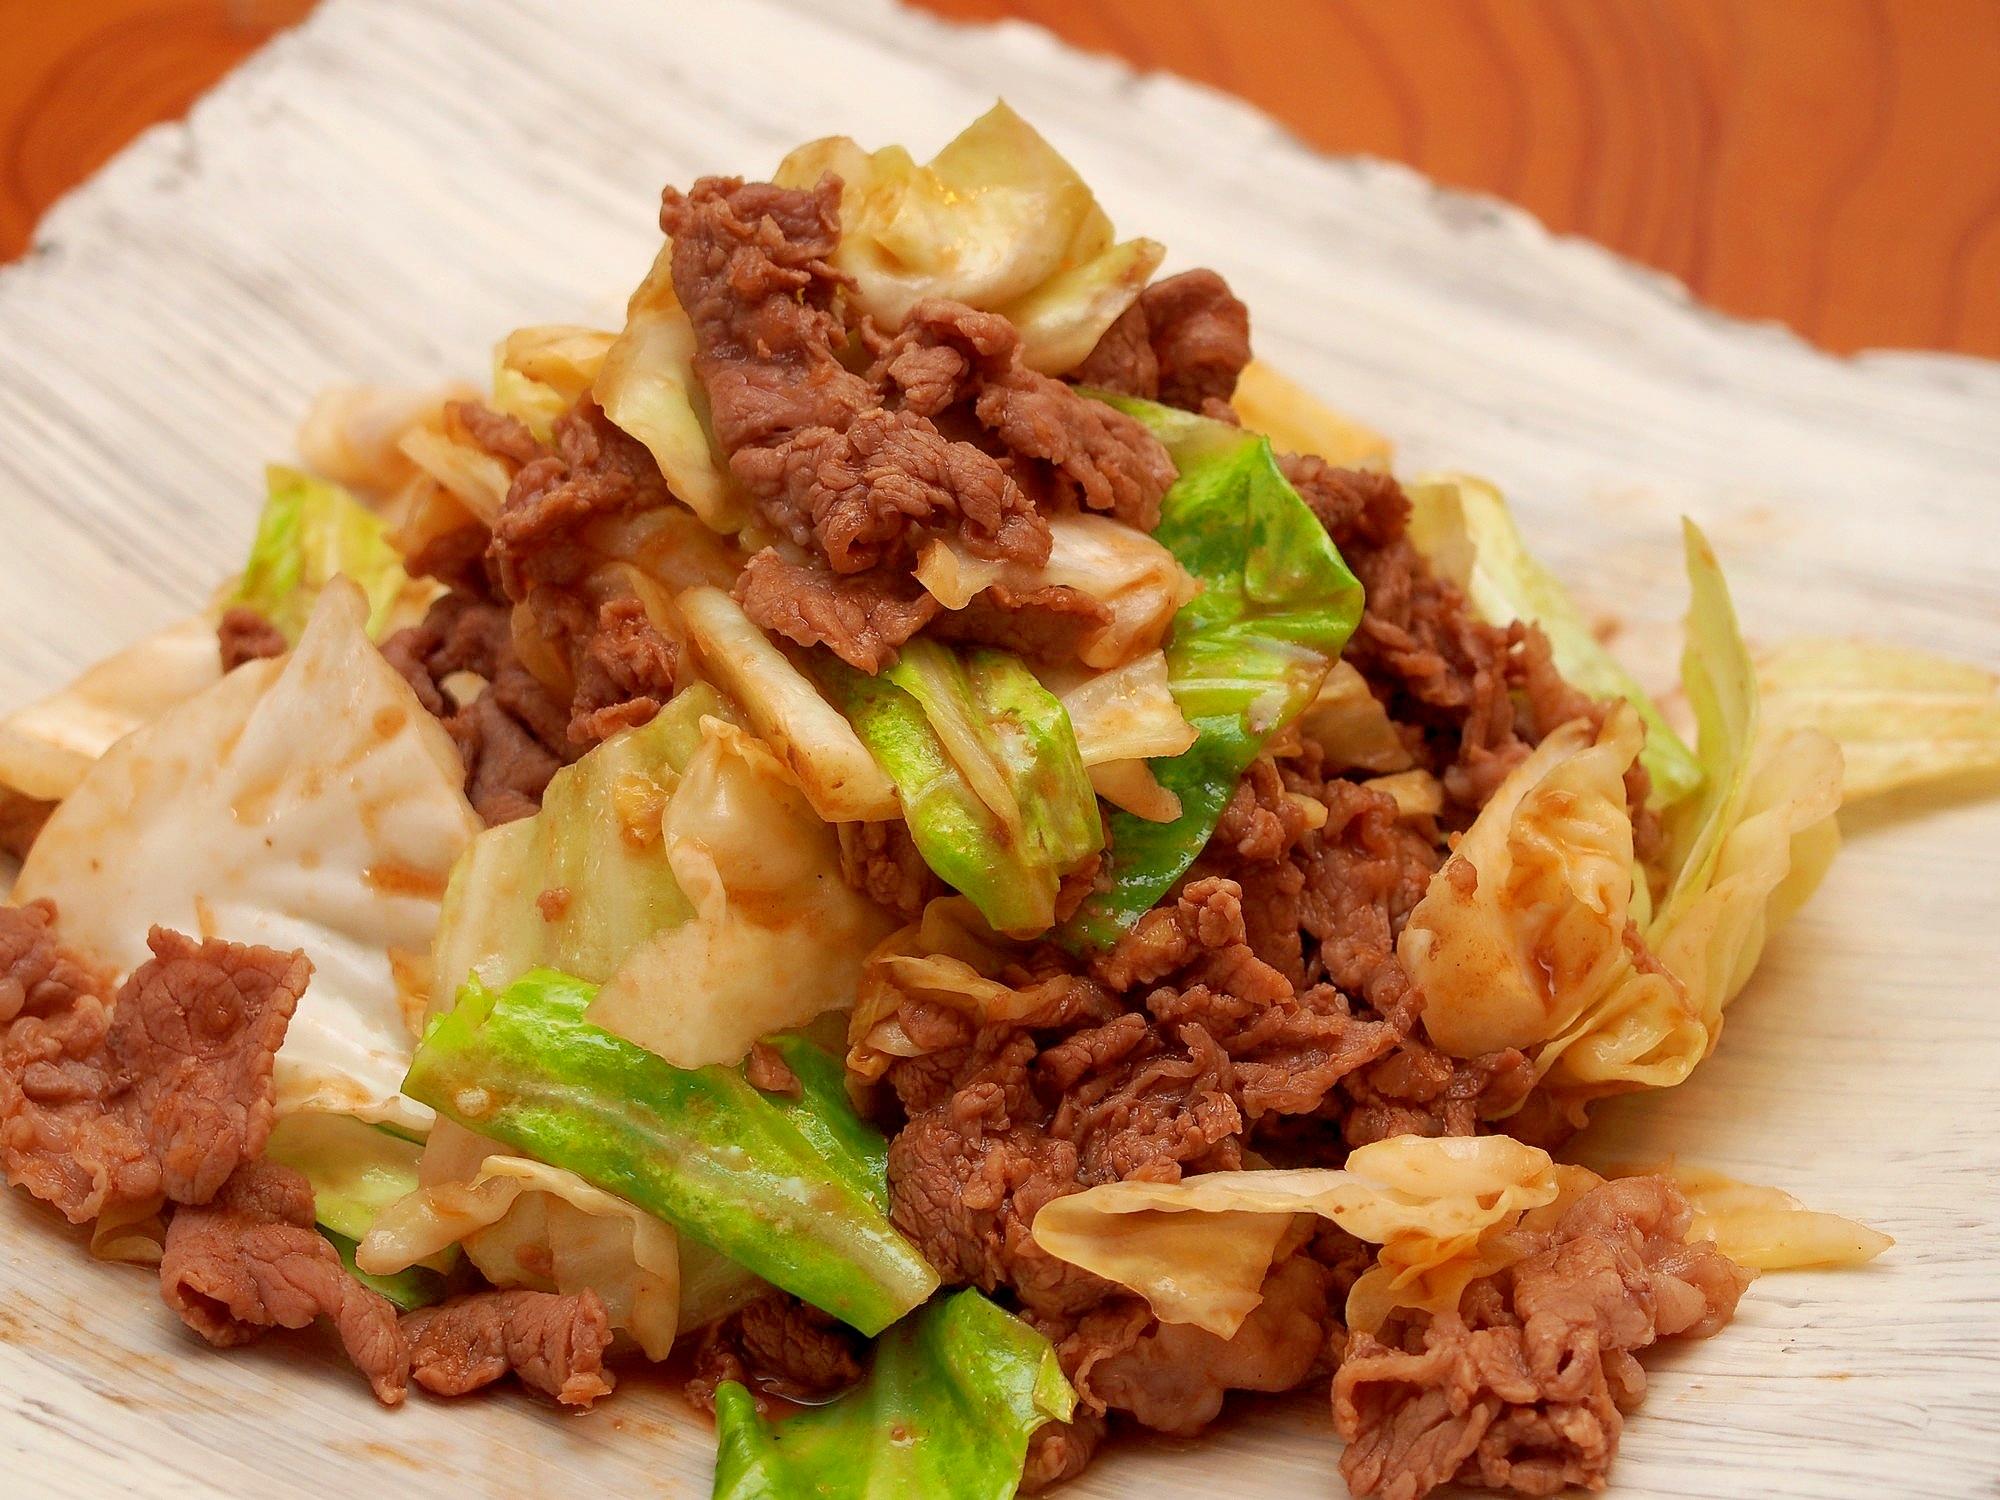 牛こま切れ肉とキャベツの炒め物 レシピ・作り方 by 鶏のから揚げ|楽天レシピ